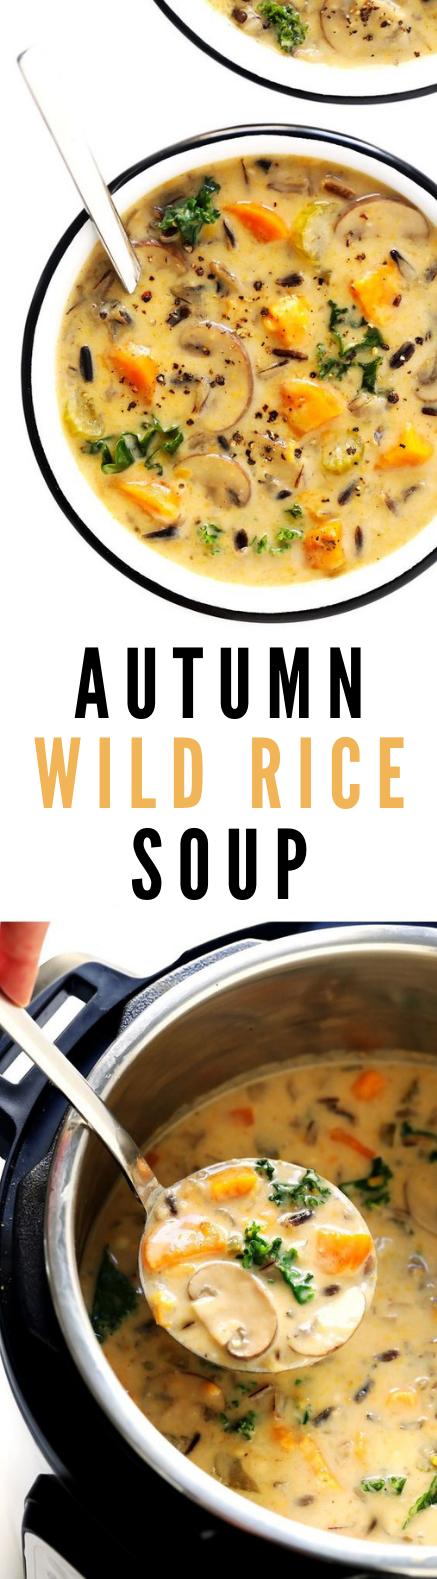 COZY AUTUMN WILD RICE SOUP #Vegetarian #Soup